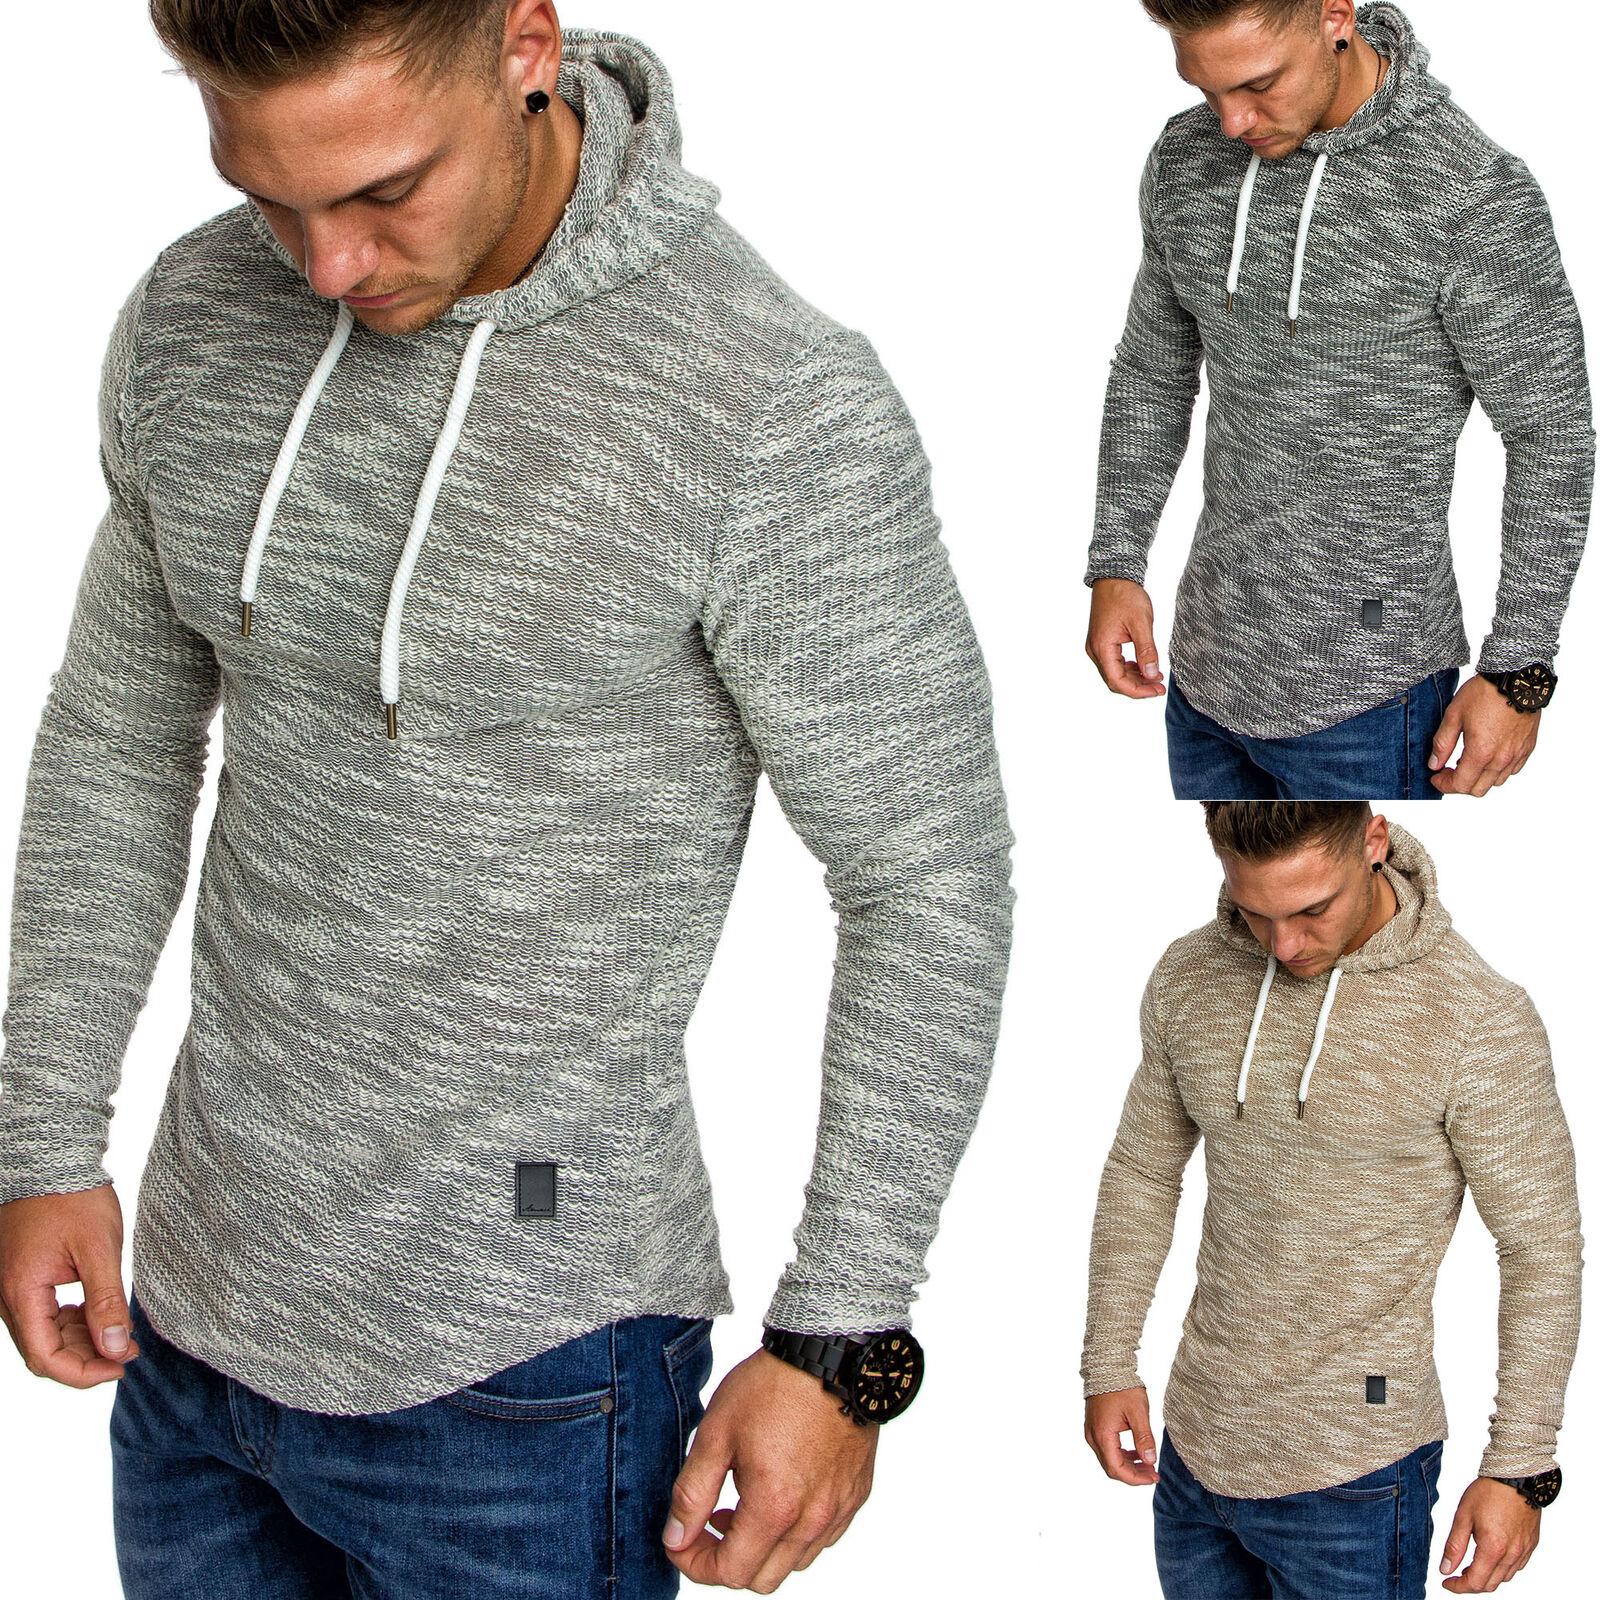 Herren Oversize Kapuzenpullover Hoodie Sweater Pullover Sweatshirt 4012